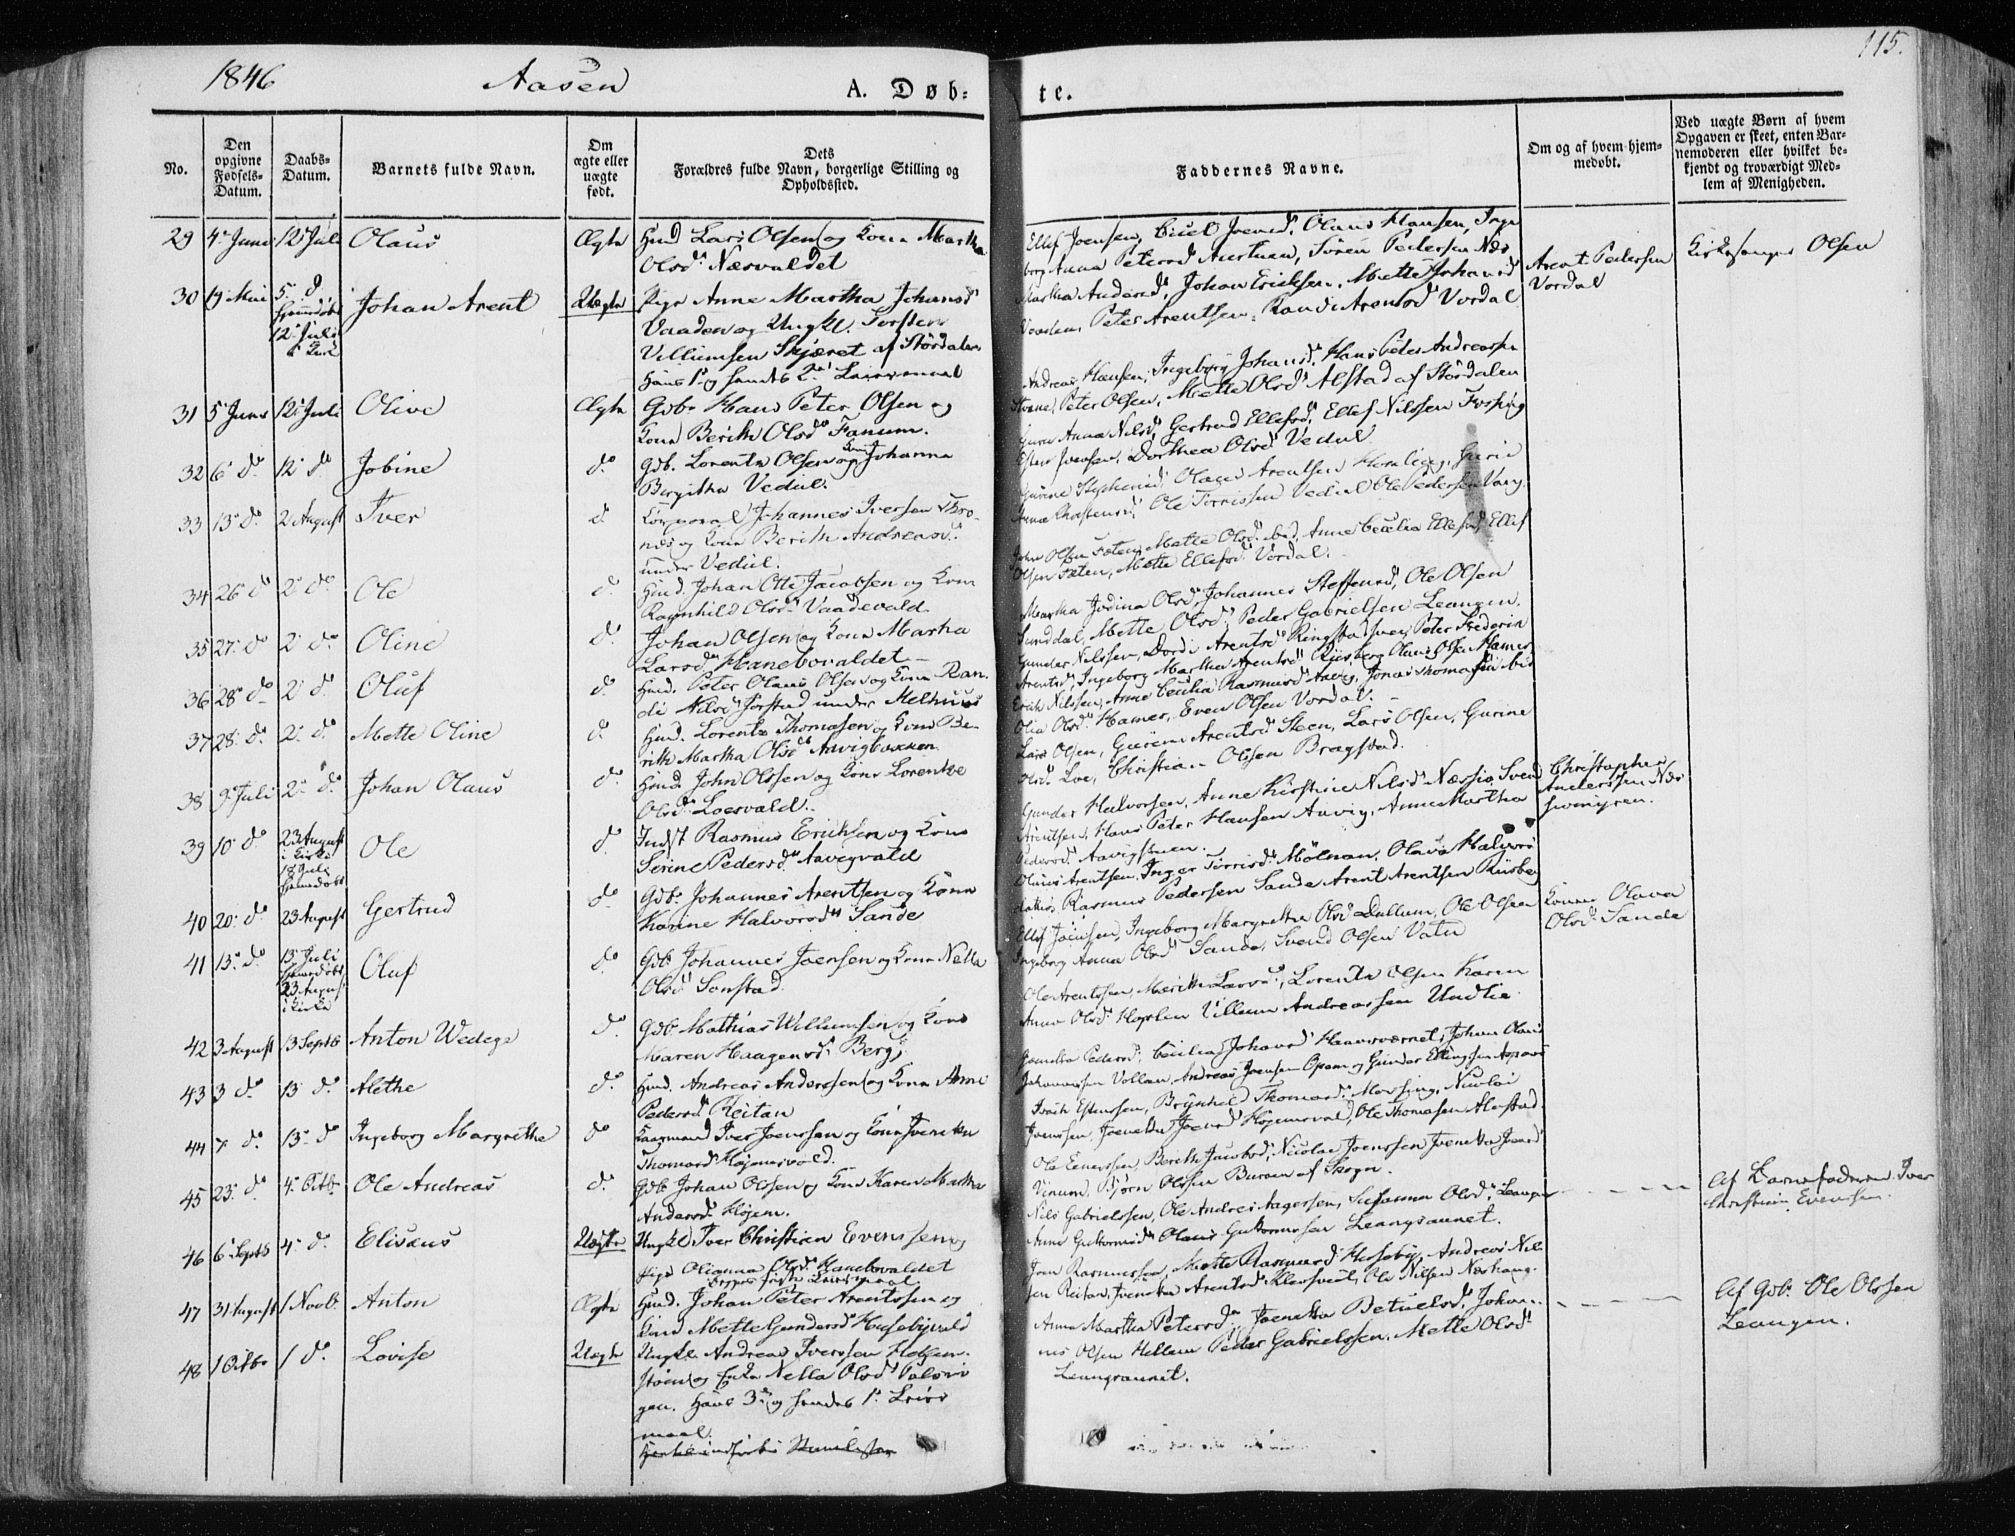 SAT, Ministerialprotokoller, klokkerbøker og fødselsregistre - Nord-Trøndelag, 713/L0115: Ministerialbok nr. 713A06, 1838-1851, s. 115